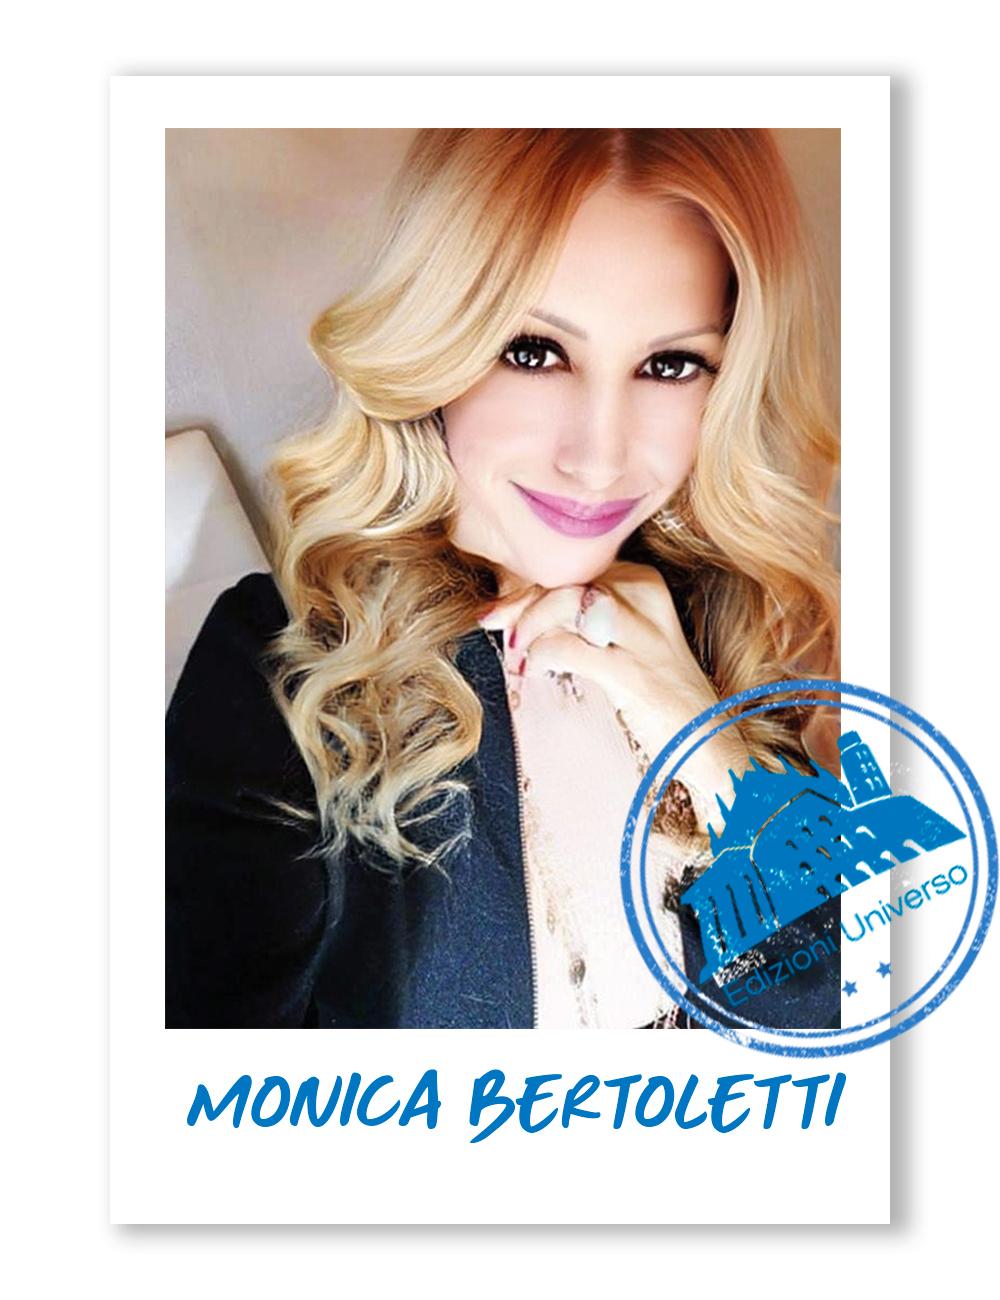 Monica Bertoletti